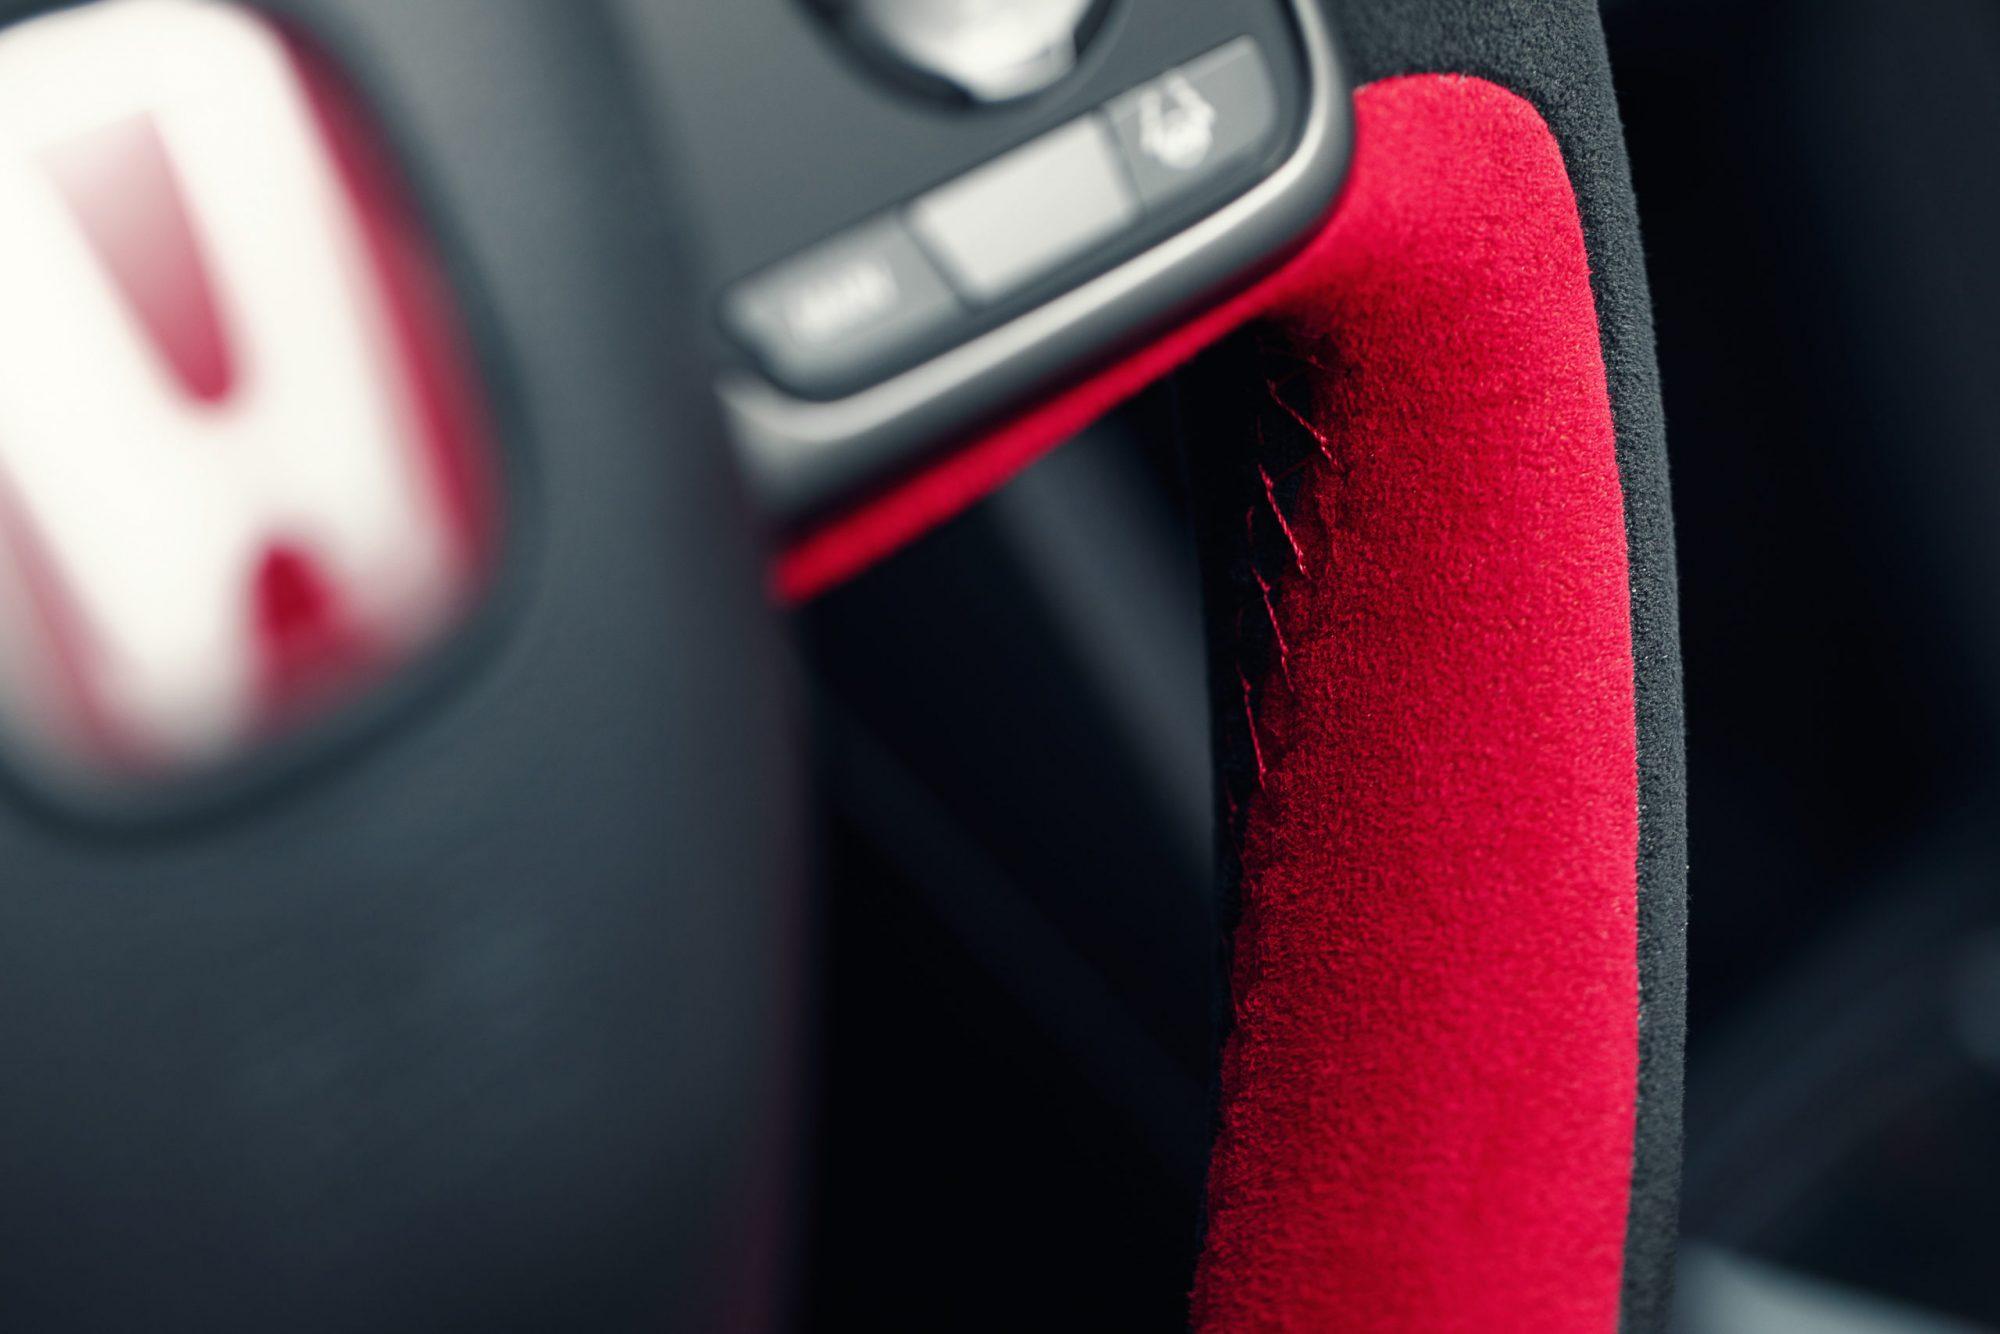 type-r-sport-line-steering-wheel-detail-scaled